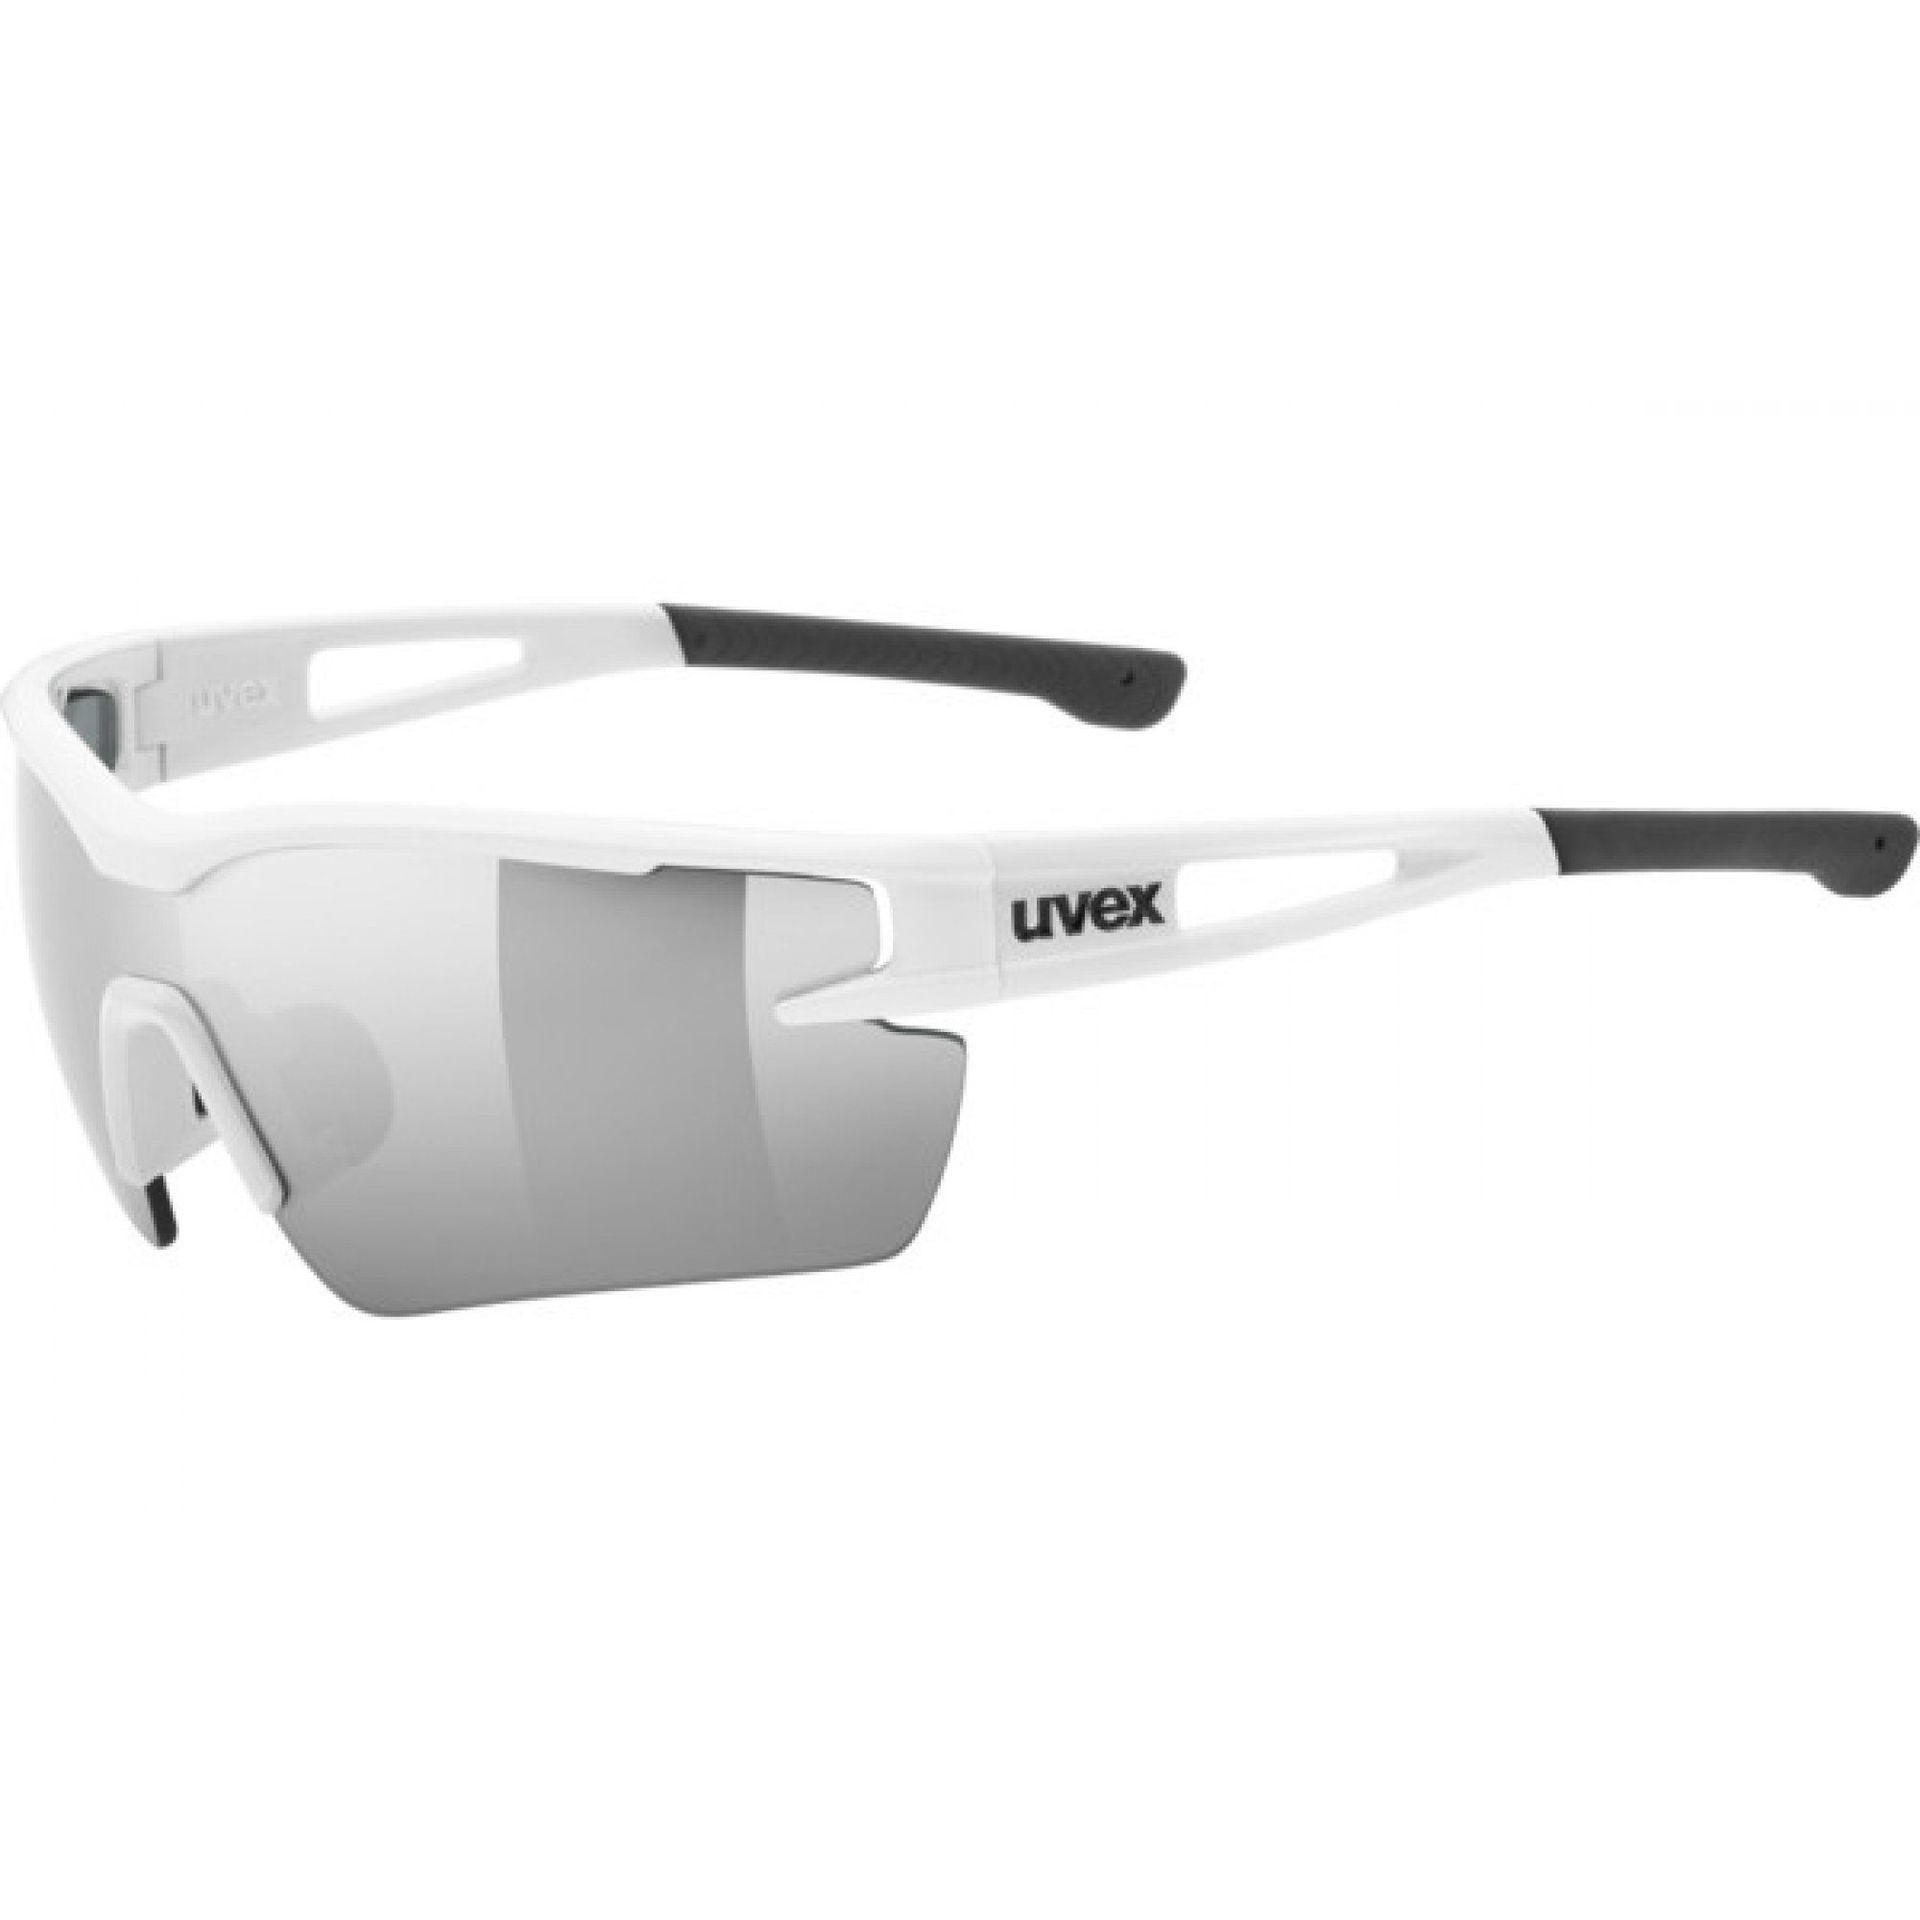 OKULARY UVEX SPORTSTYLE 116 977|8816 WHITE